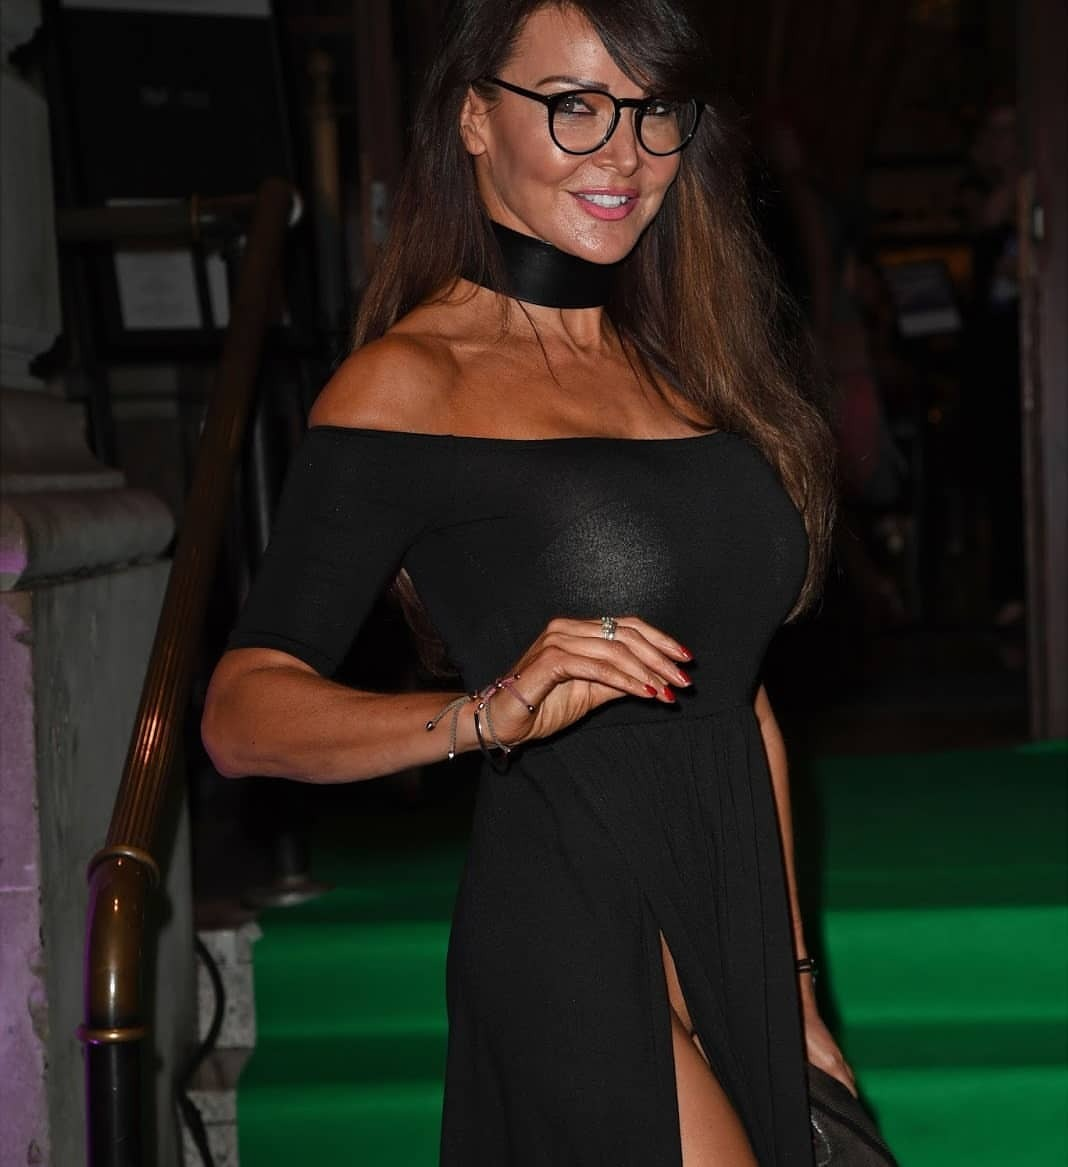 Milf black dress no panties